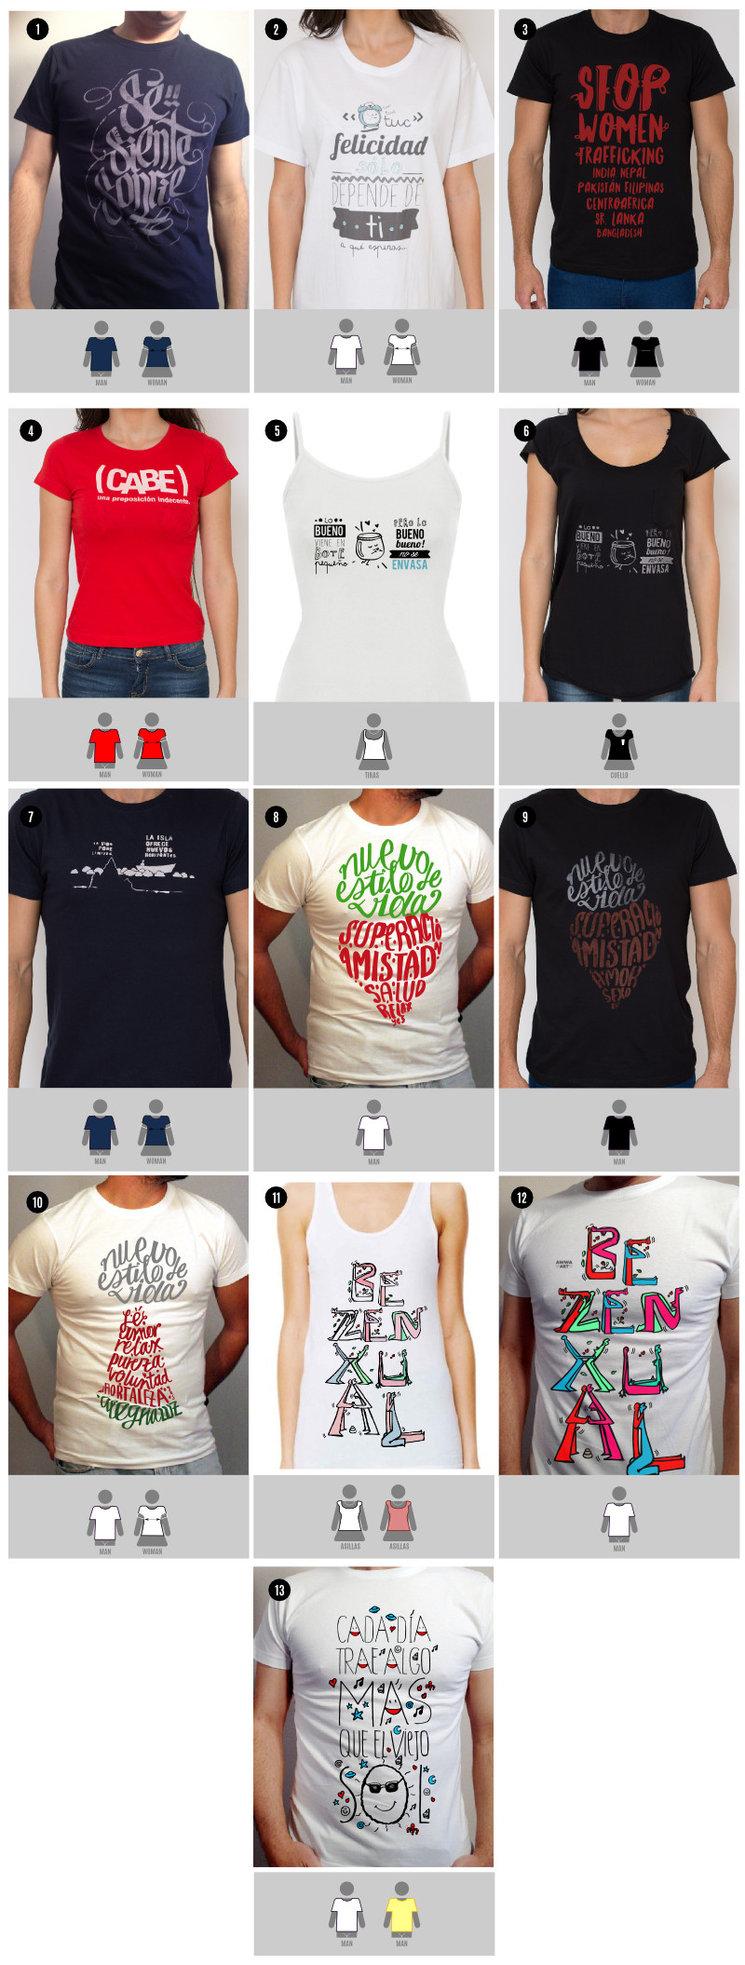 Tallado de camisetas Awwa art según modelos — Awwa Art dec309a78611b